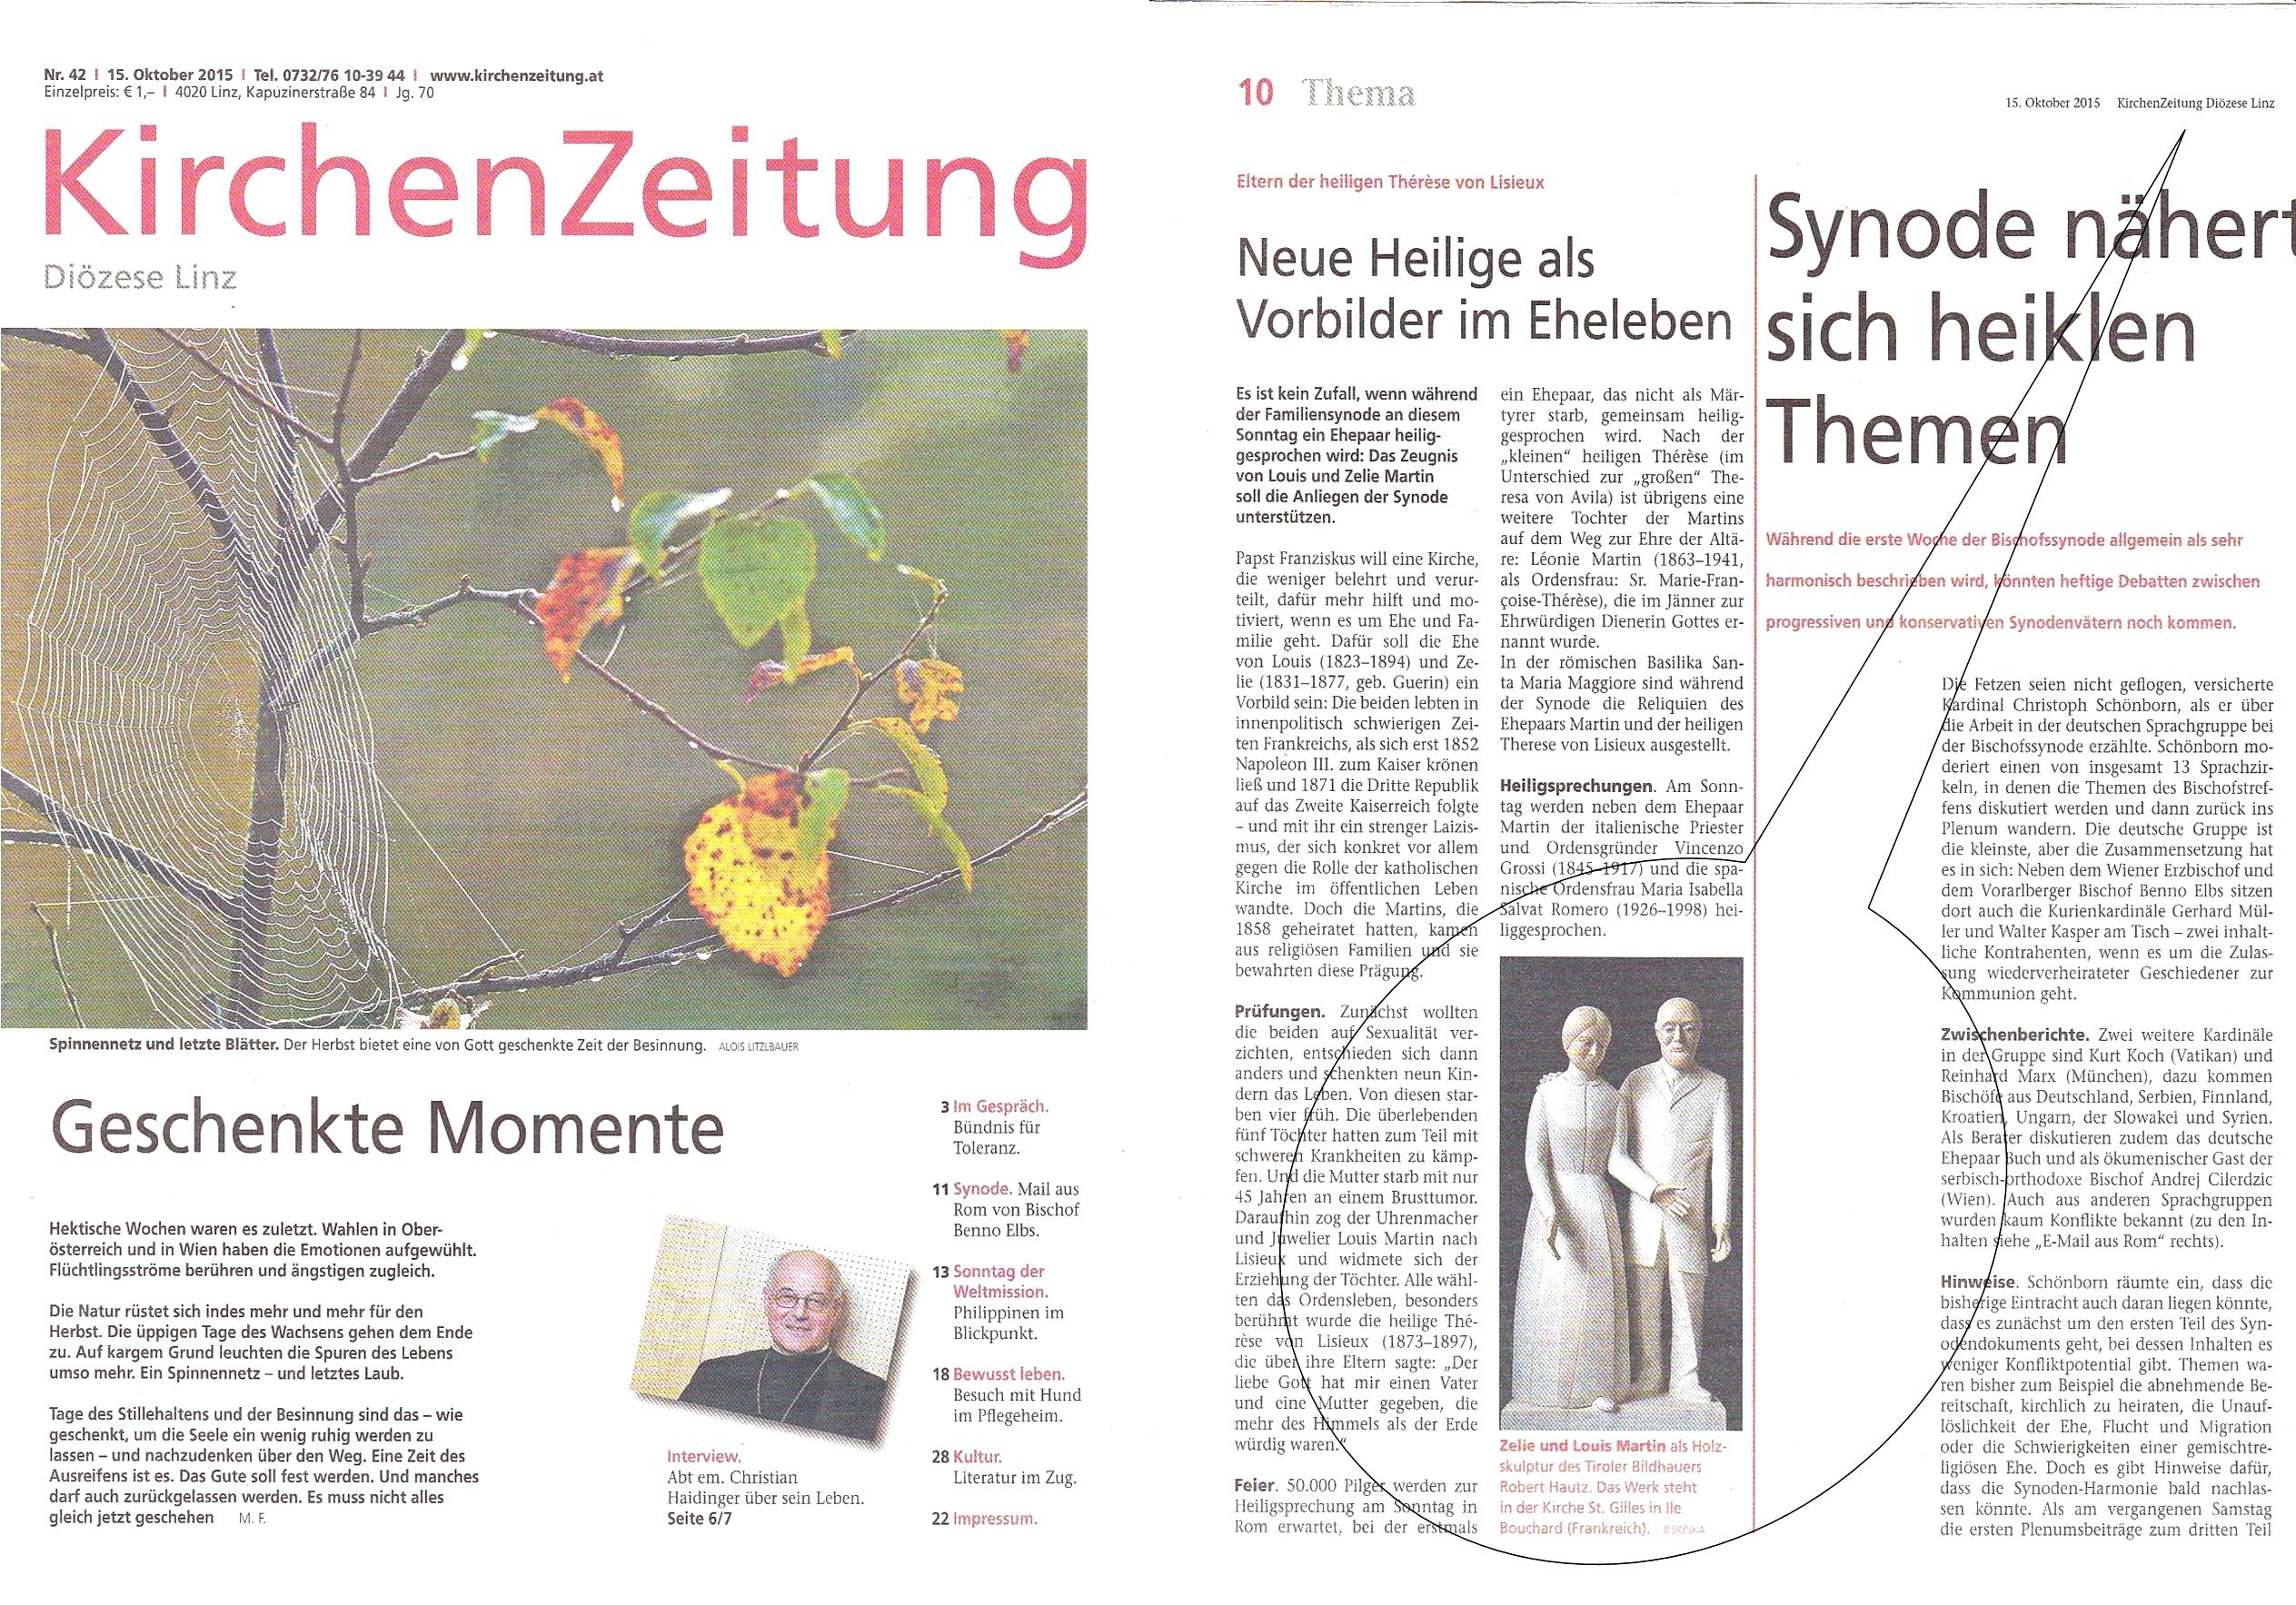 Kirchenzeitung_Diözese_Linz